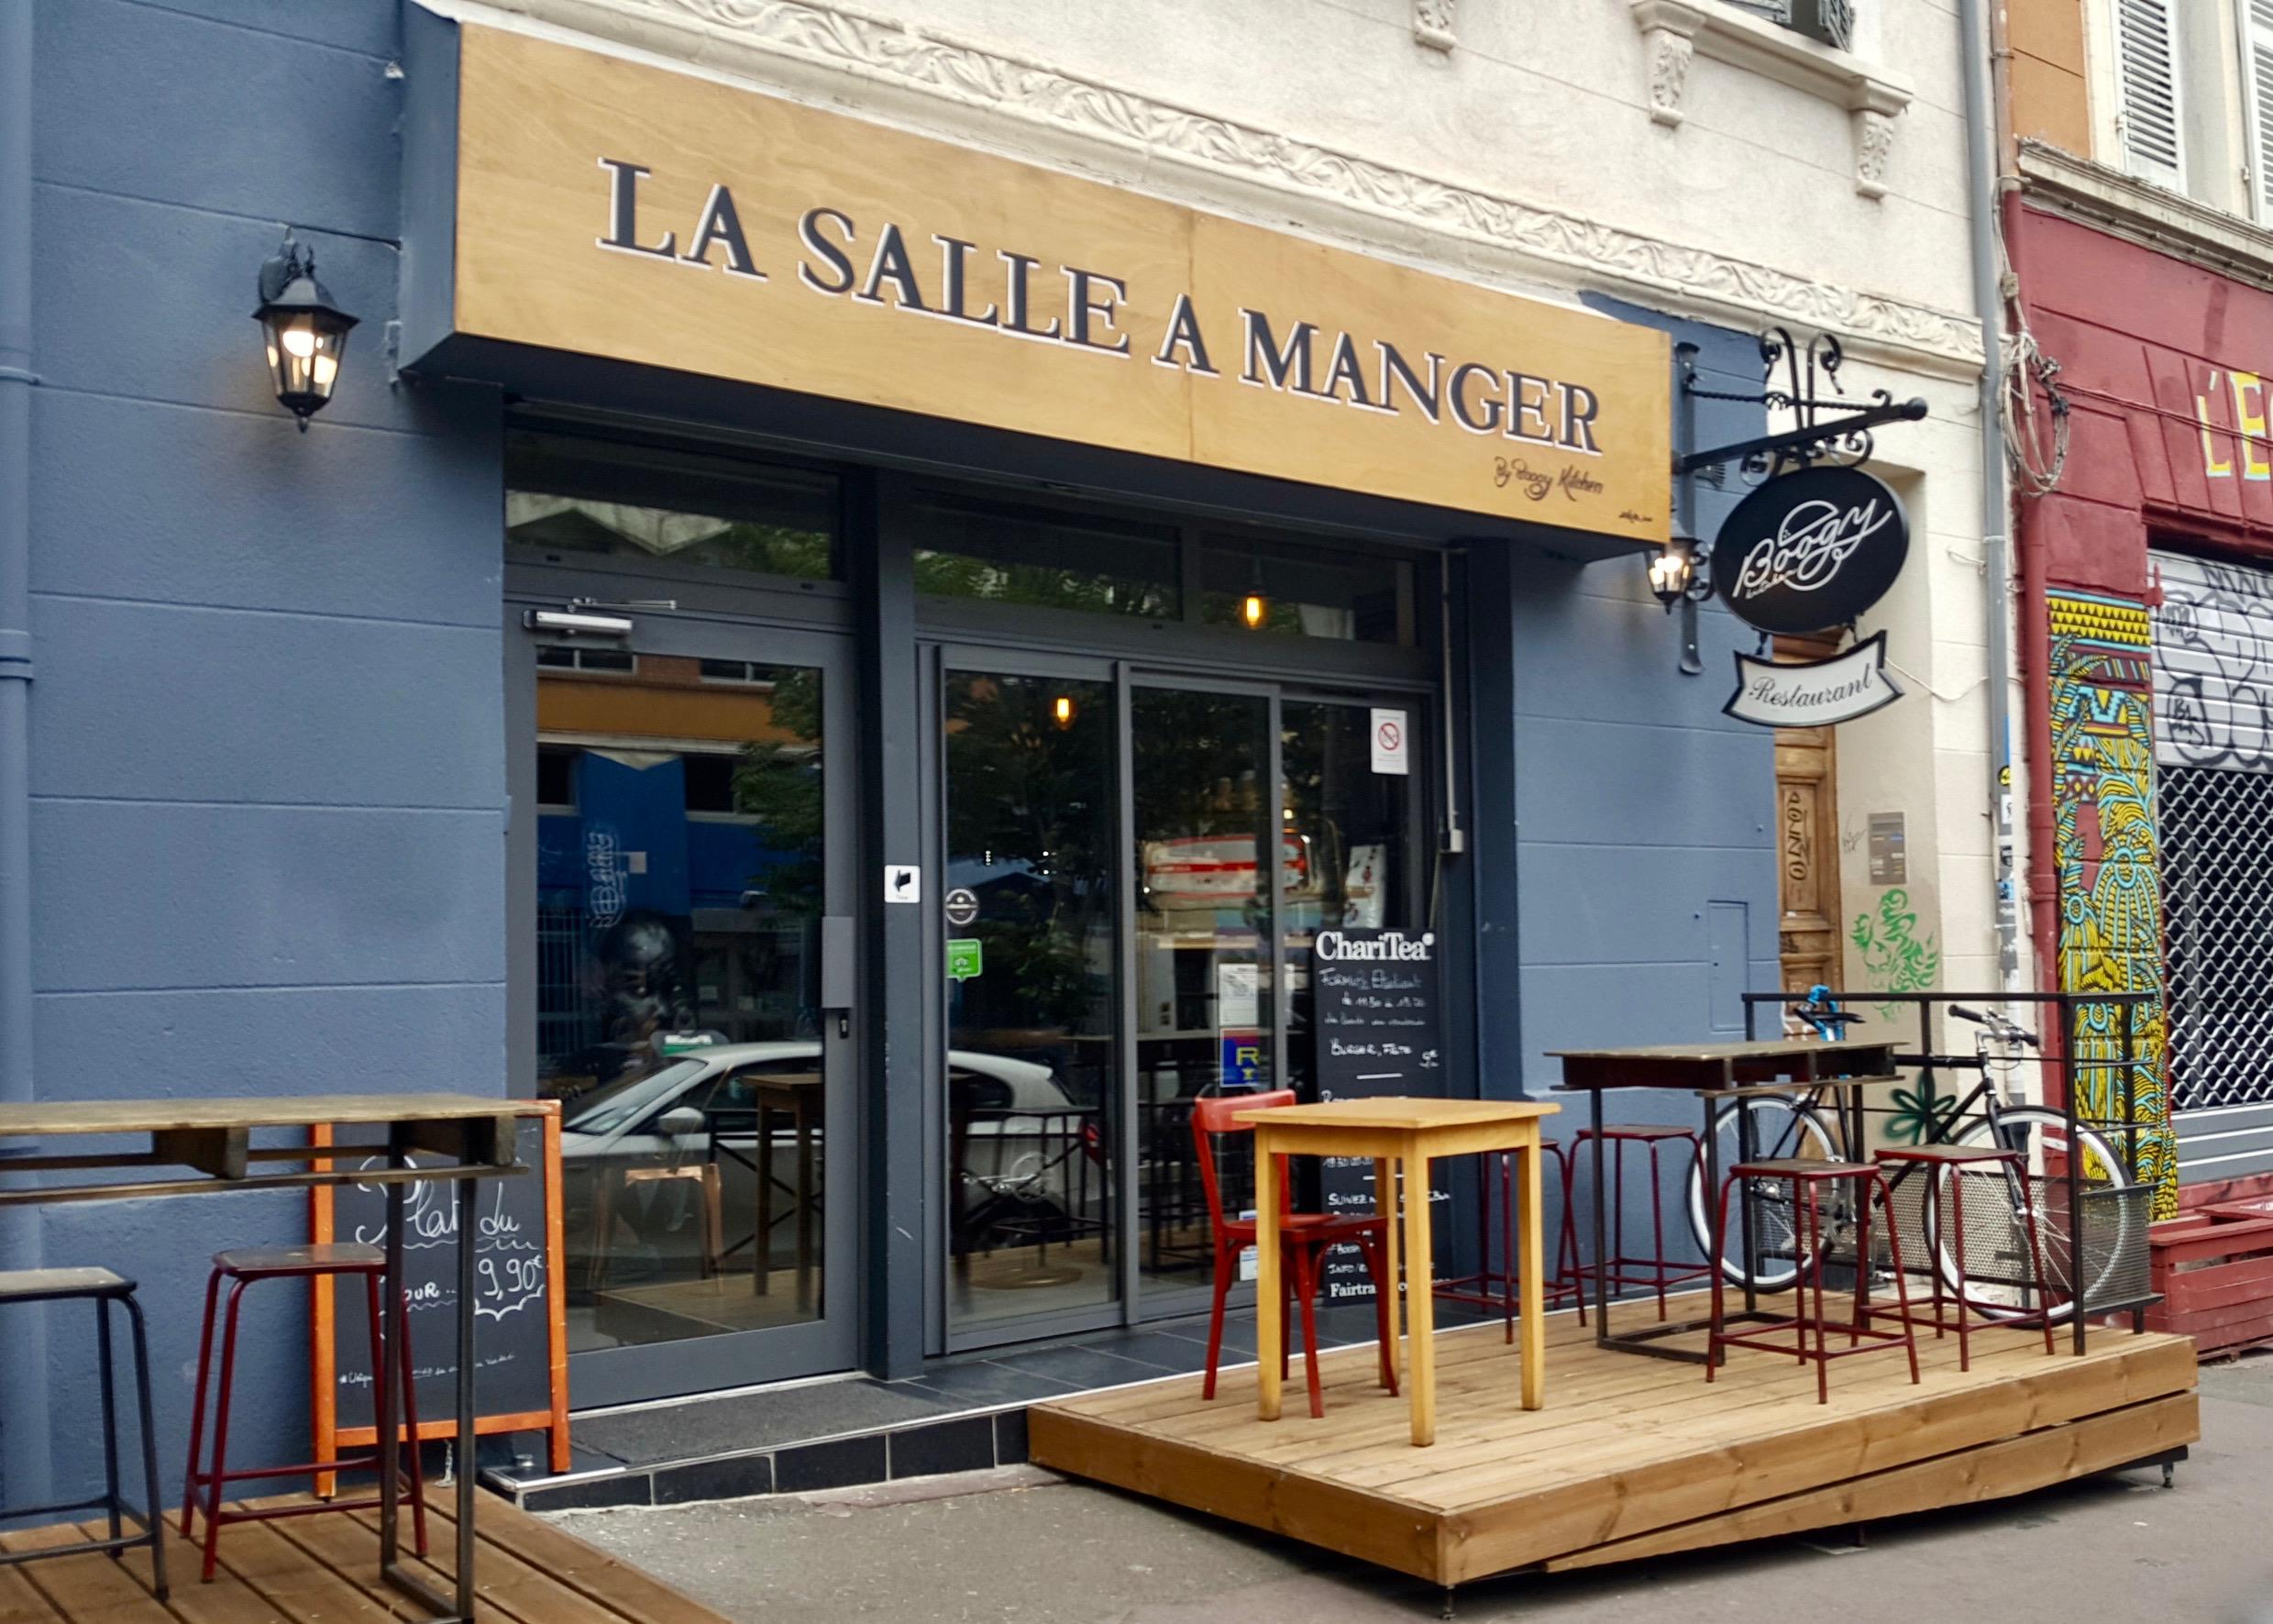 Cuisine Italienne Et Burgers La Salle A Manger Love Spots